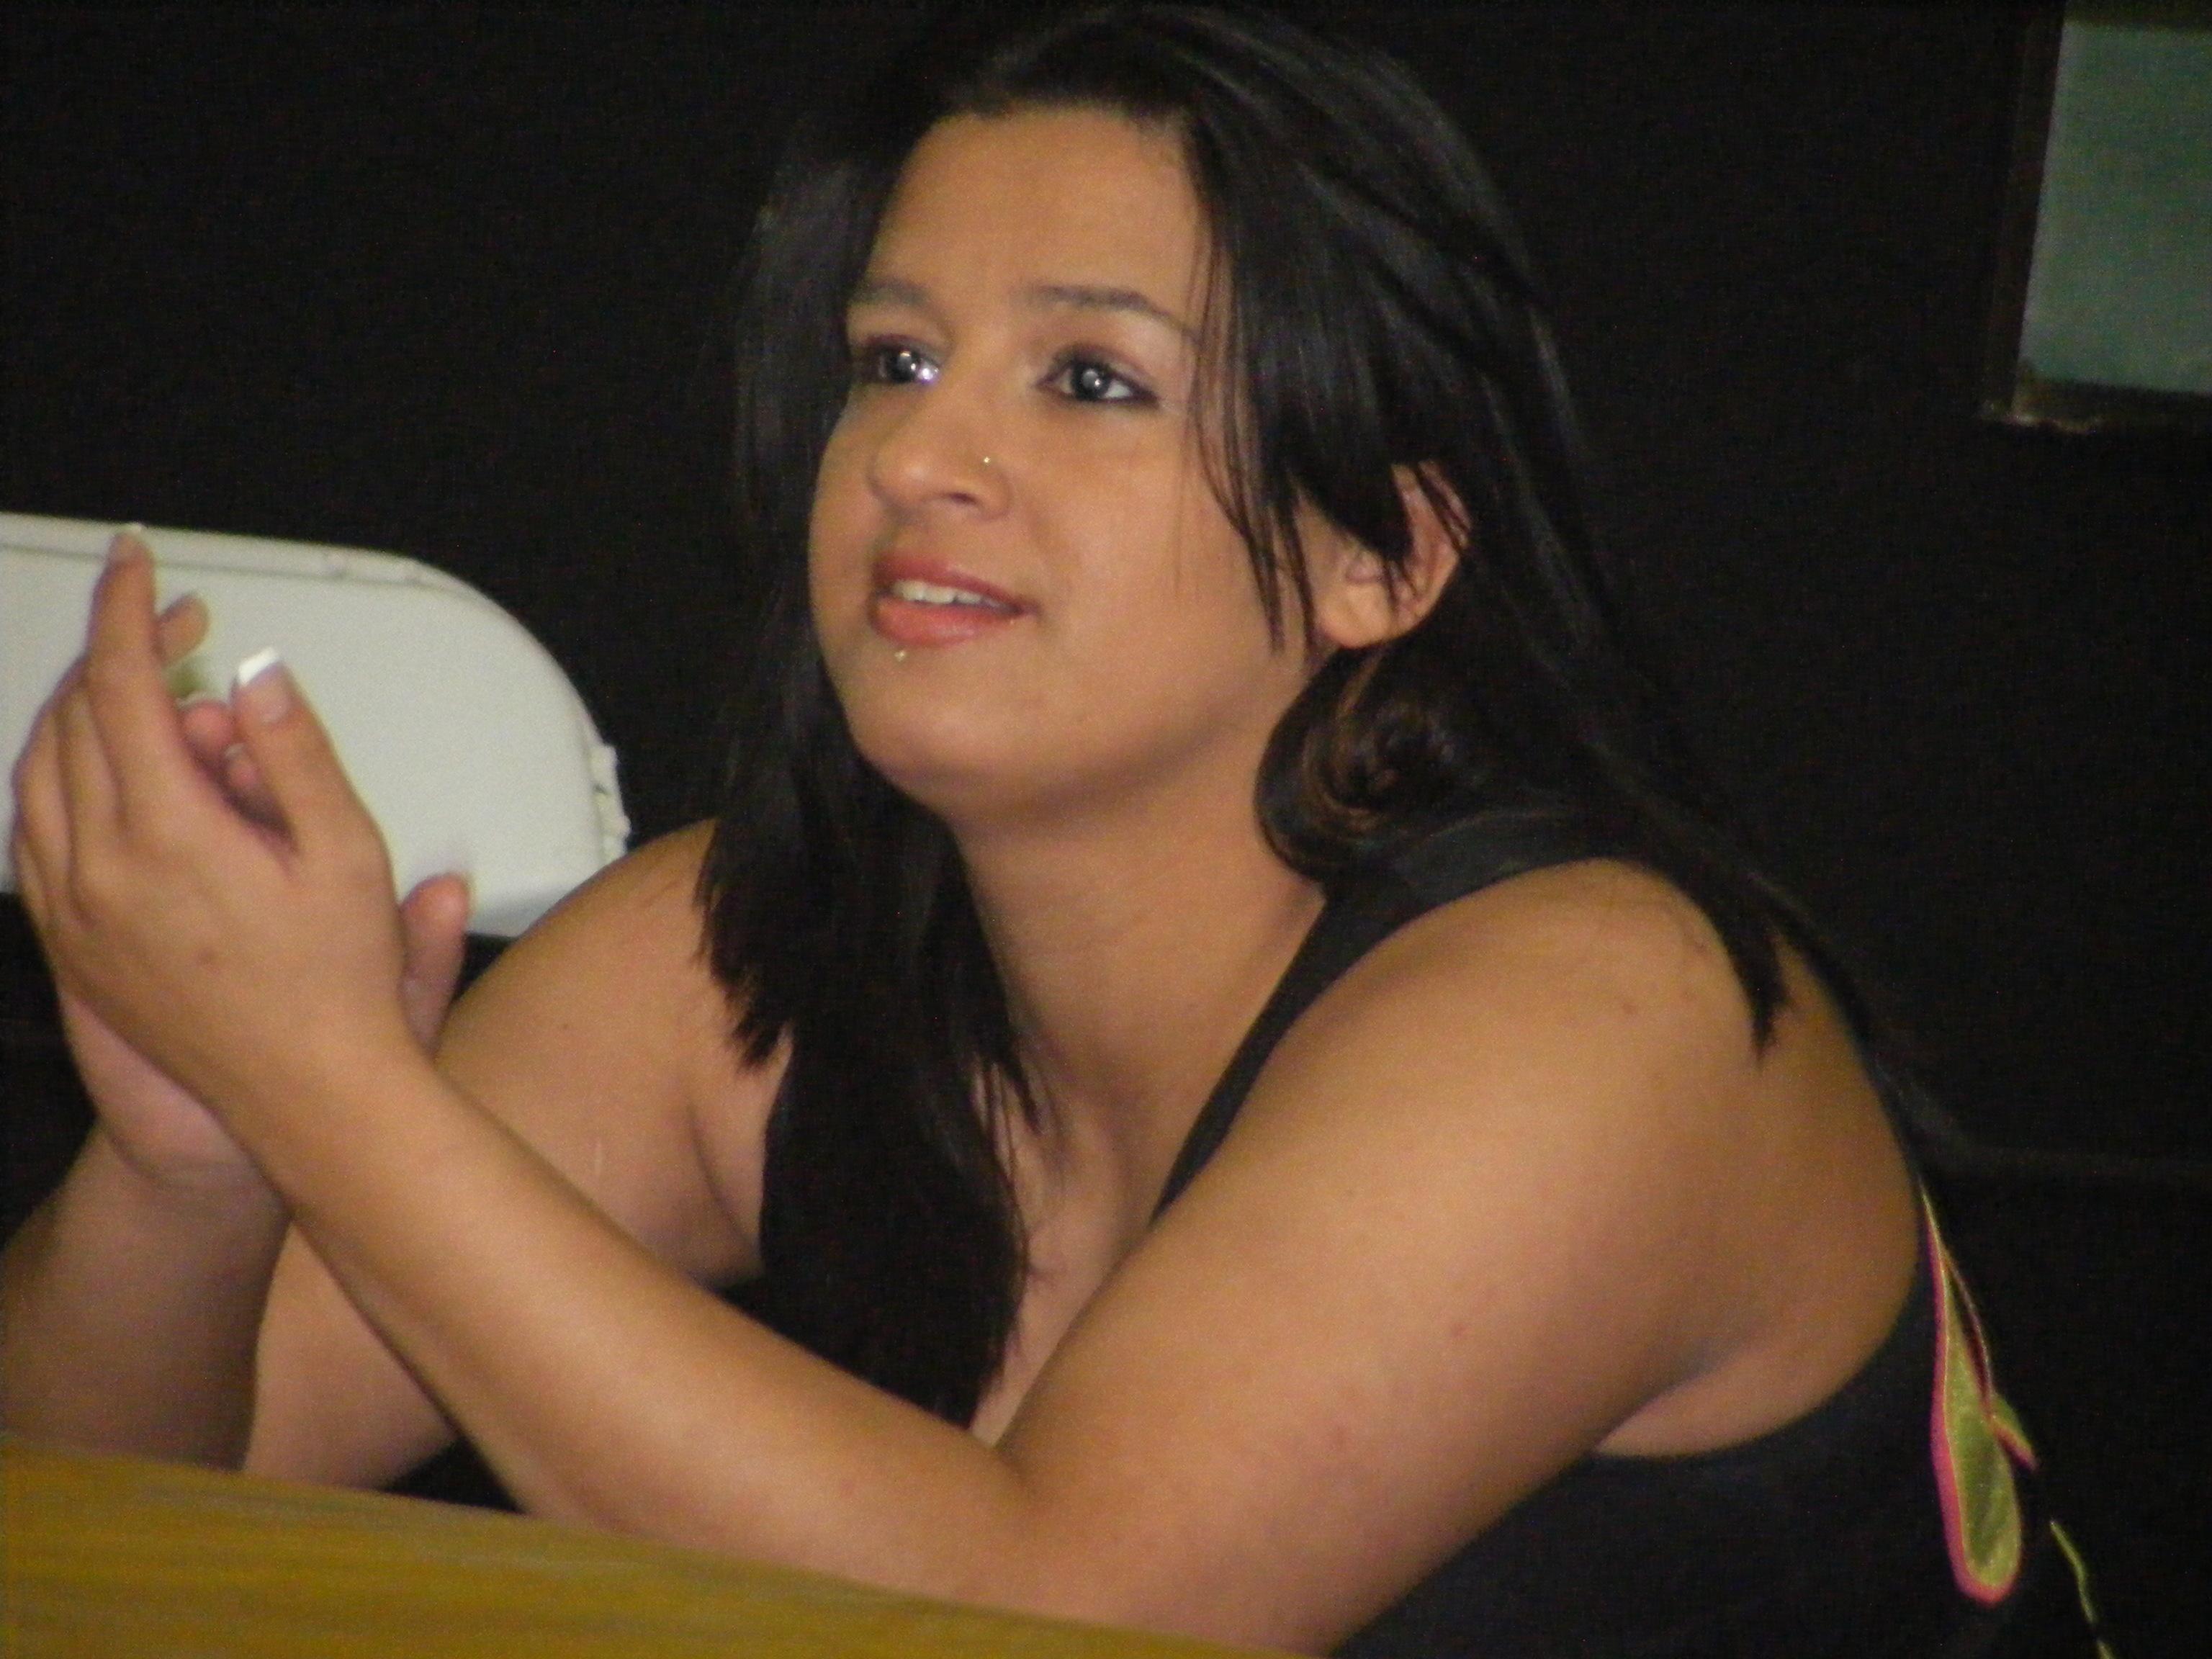 roha latino personals Dating a latina (8jtv) 8jtvcomedy loading dating a latina: expectations vs reality - duration: 5:57 arlyne sanjines 1,674,247 views 5:57.